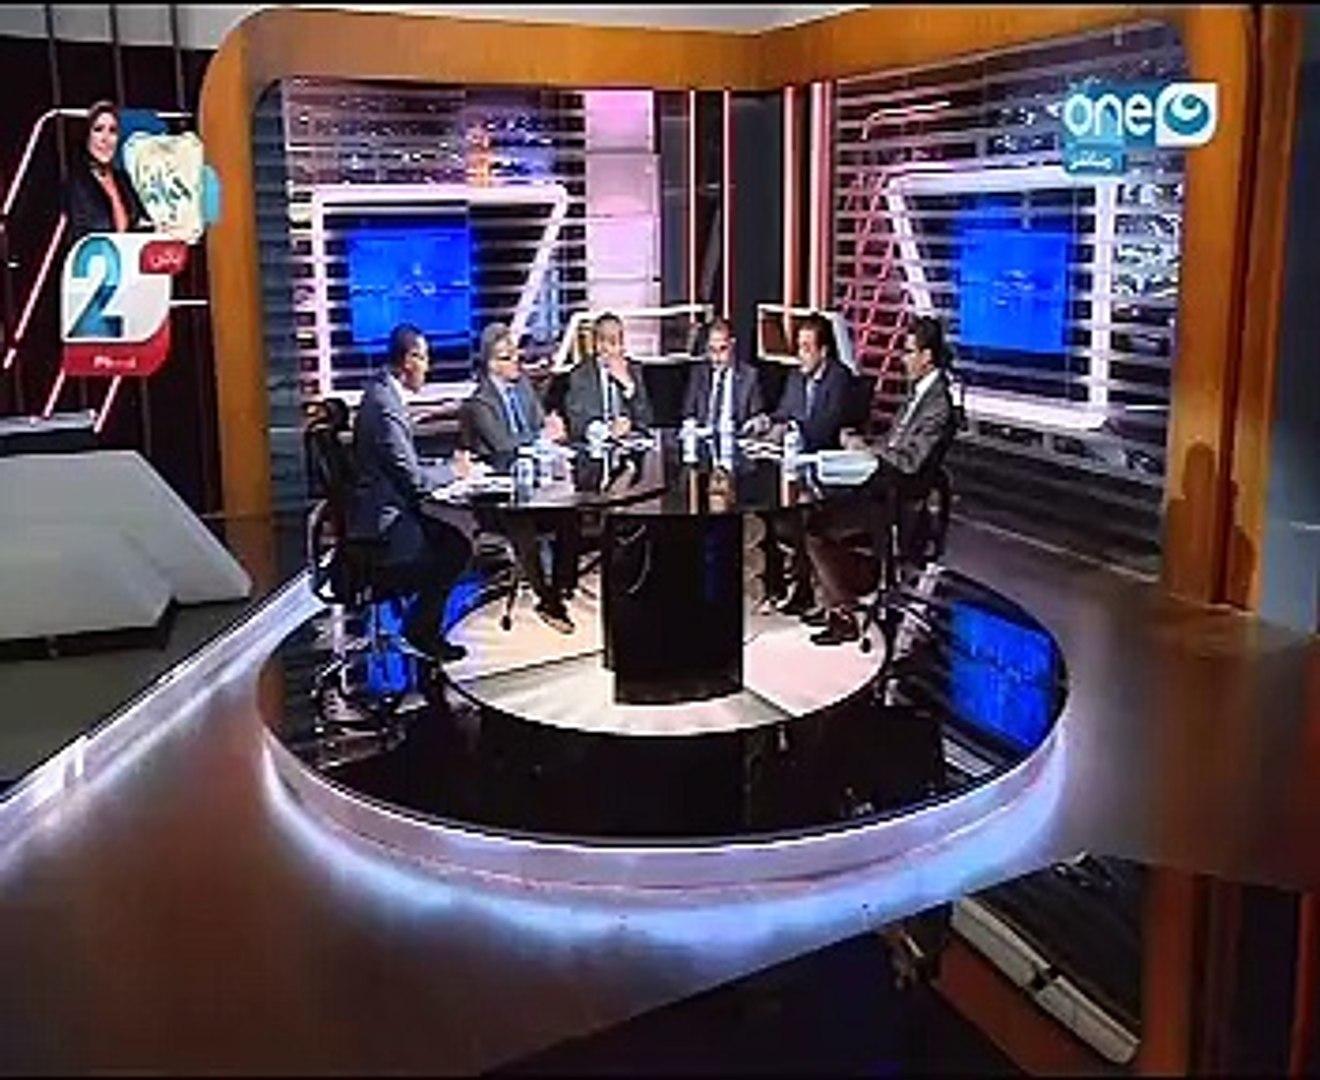 بالفيديو..علاء عابد: برنامج الحكومة رواية.. وعندما يٌدرس على أرض الواقع نشعر بالشك